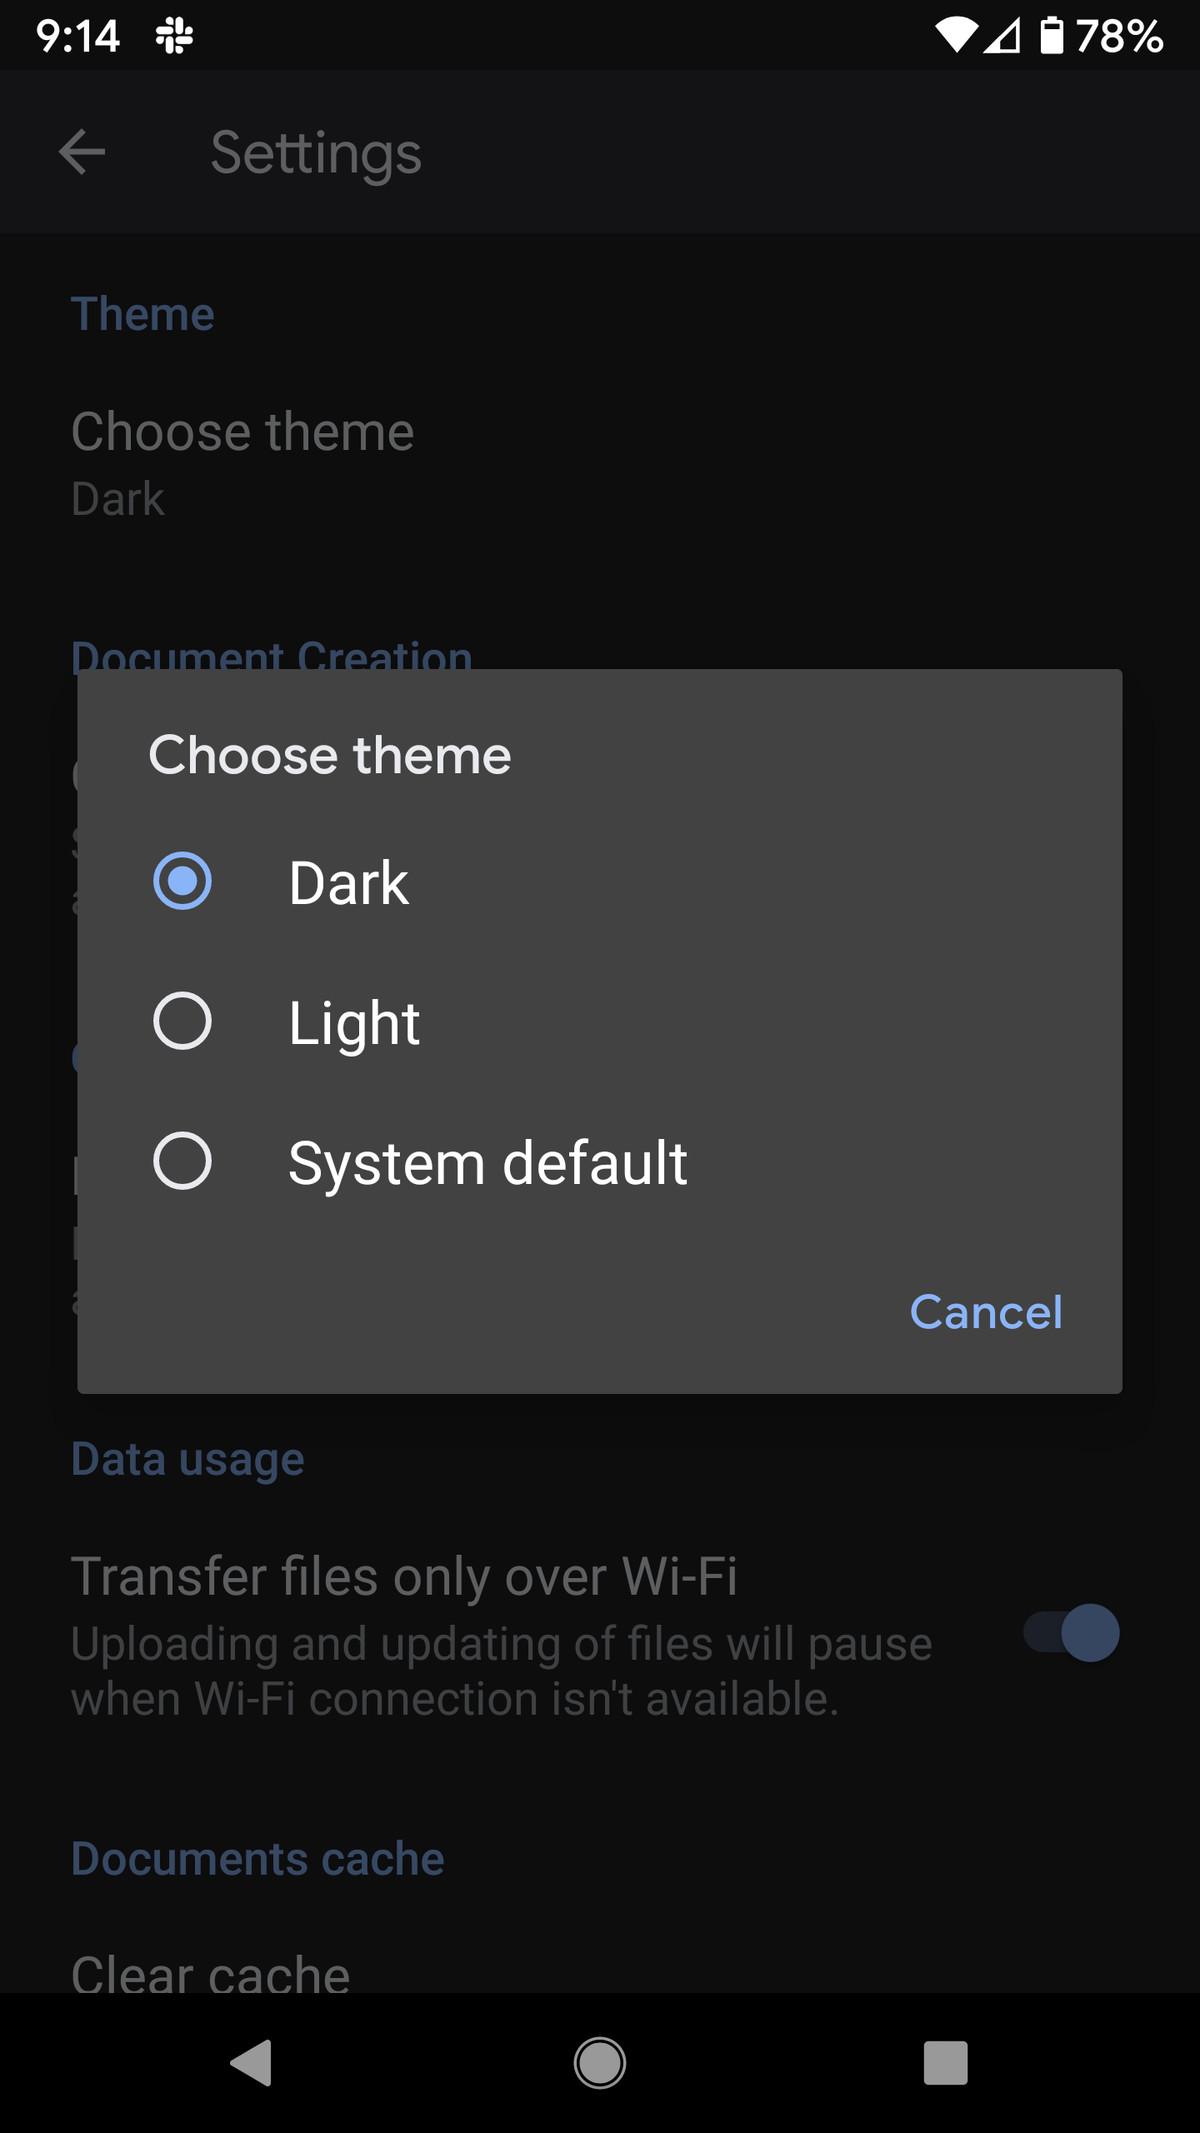 Puteți alege moduri întunecate sau luminoase sau pur și simplu mergeți cu setarea implicită a sistemului.